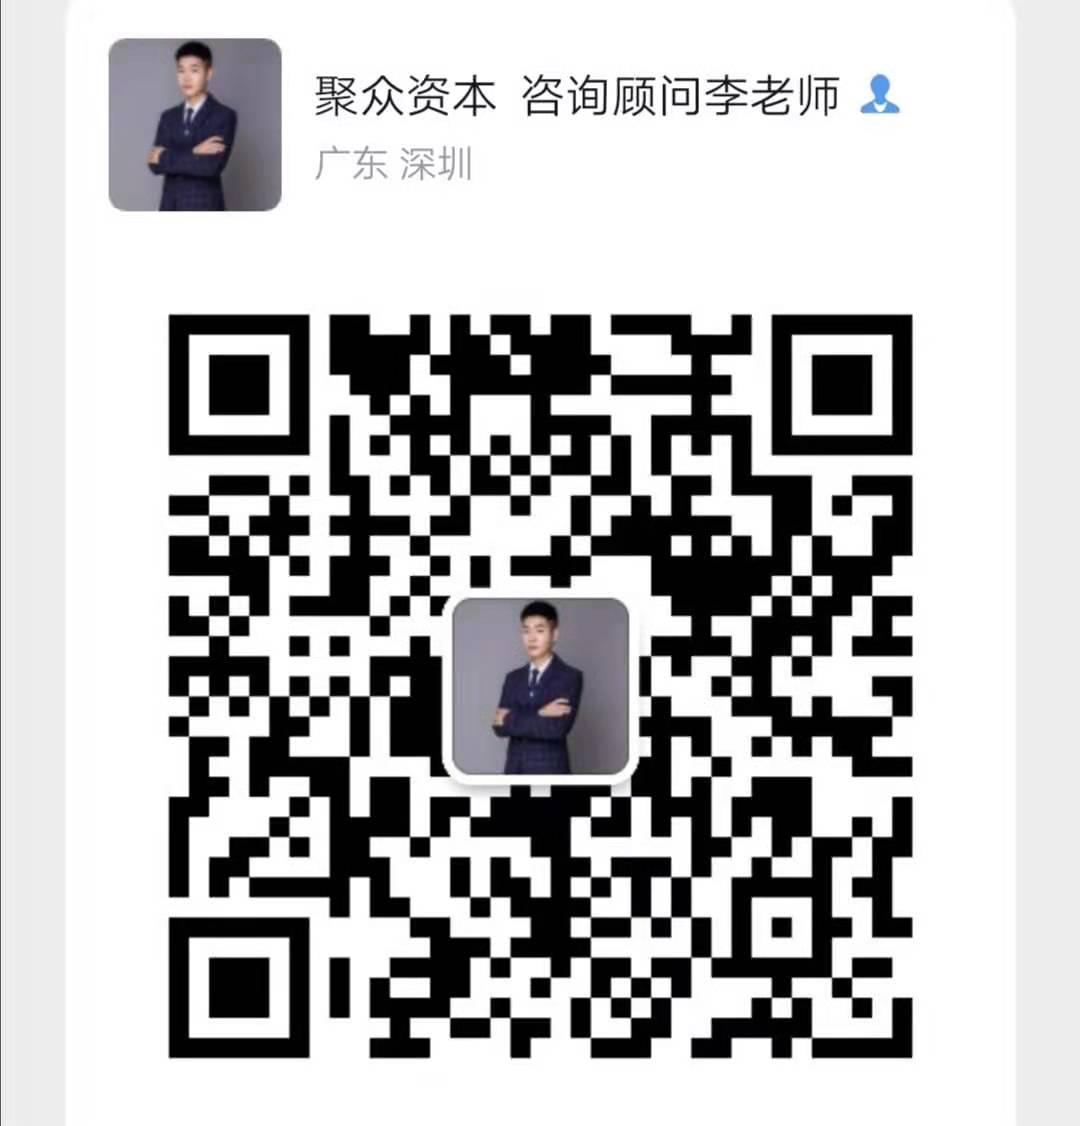 微信图片_20190822162918.jpg